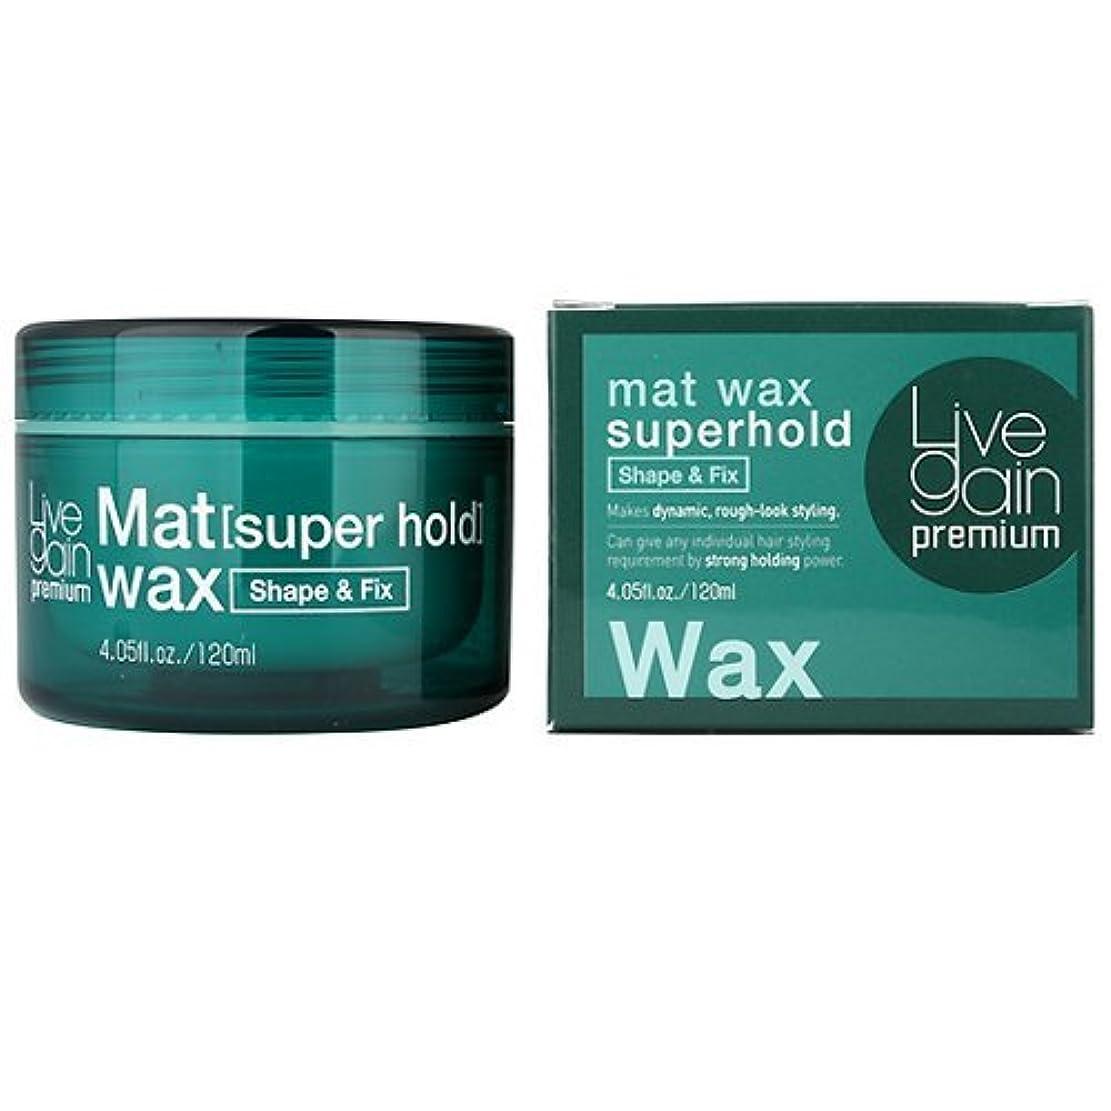 重力コントローラ減少Livegain プレミアム マット ワックス スーパーホールド 120ml マット ヘア ワックス ストロング ホールド (Premium Mat Wax Superhold 120ml Matte Hair wax Strong Hold ) [並行輸入品]